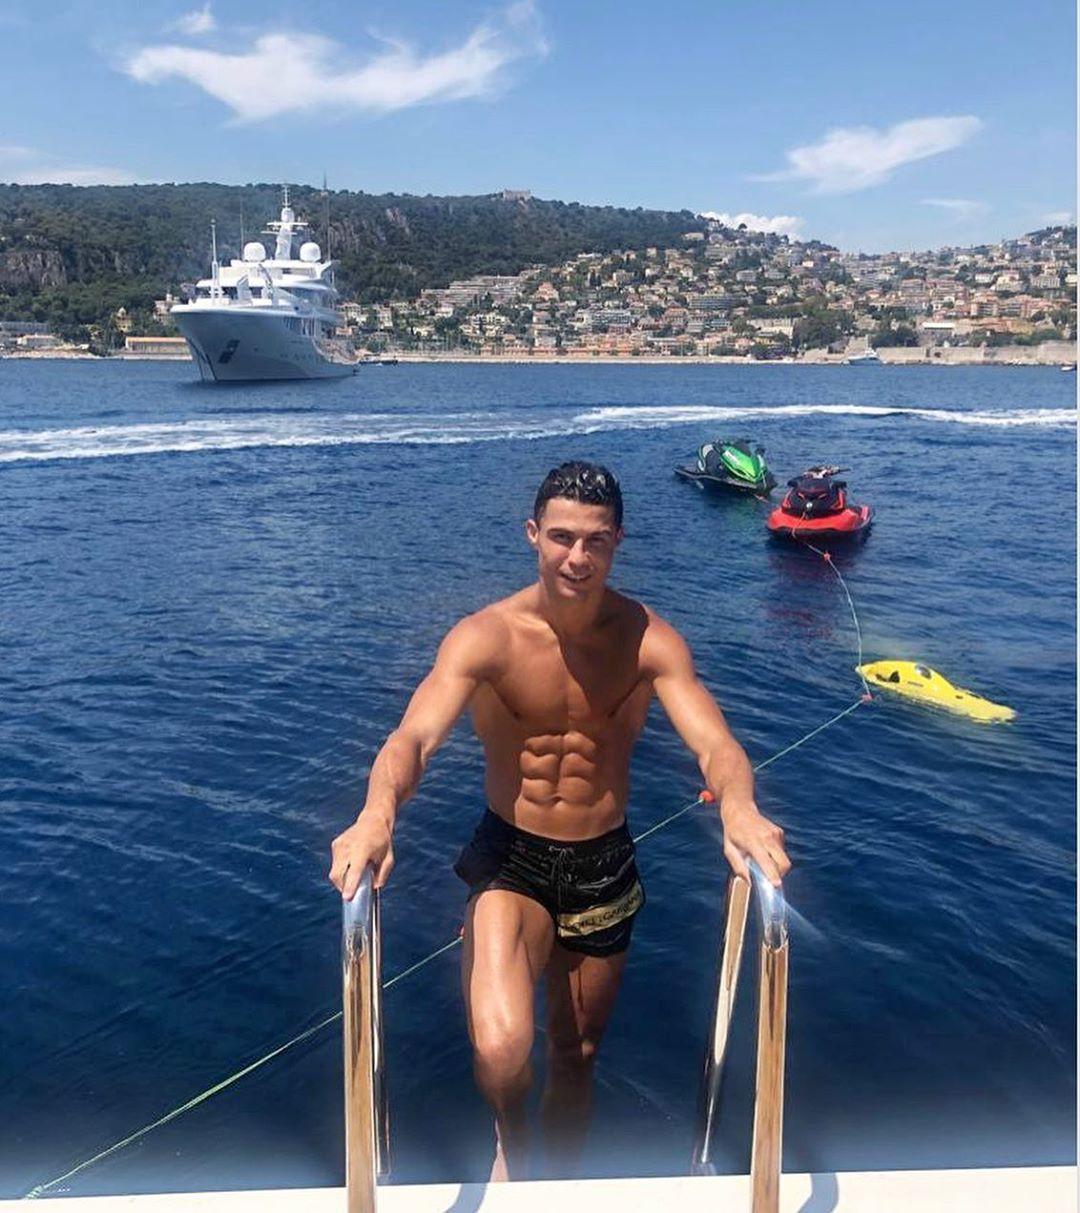 Ronaldo chơi lớn boa gần 700 triệu đồng cho nhân viên phục vụ trong chuyến du lịch Hy Lạp cùng bạn gái siêu nóng bỏng - Ảnh 4.